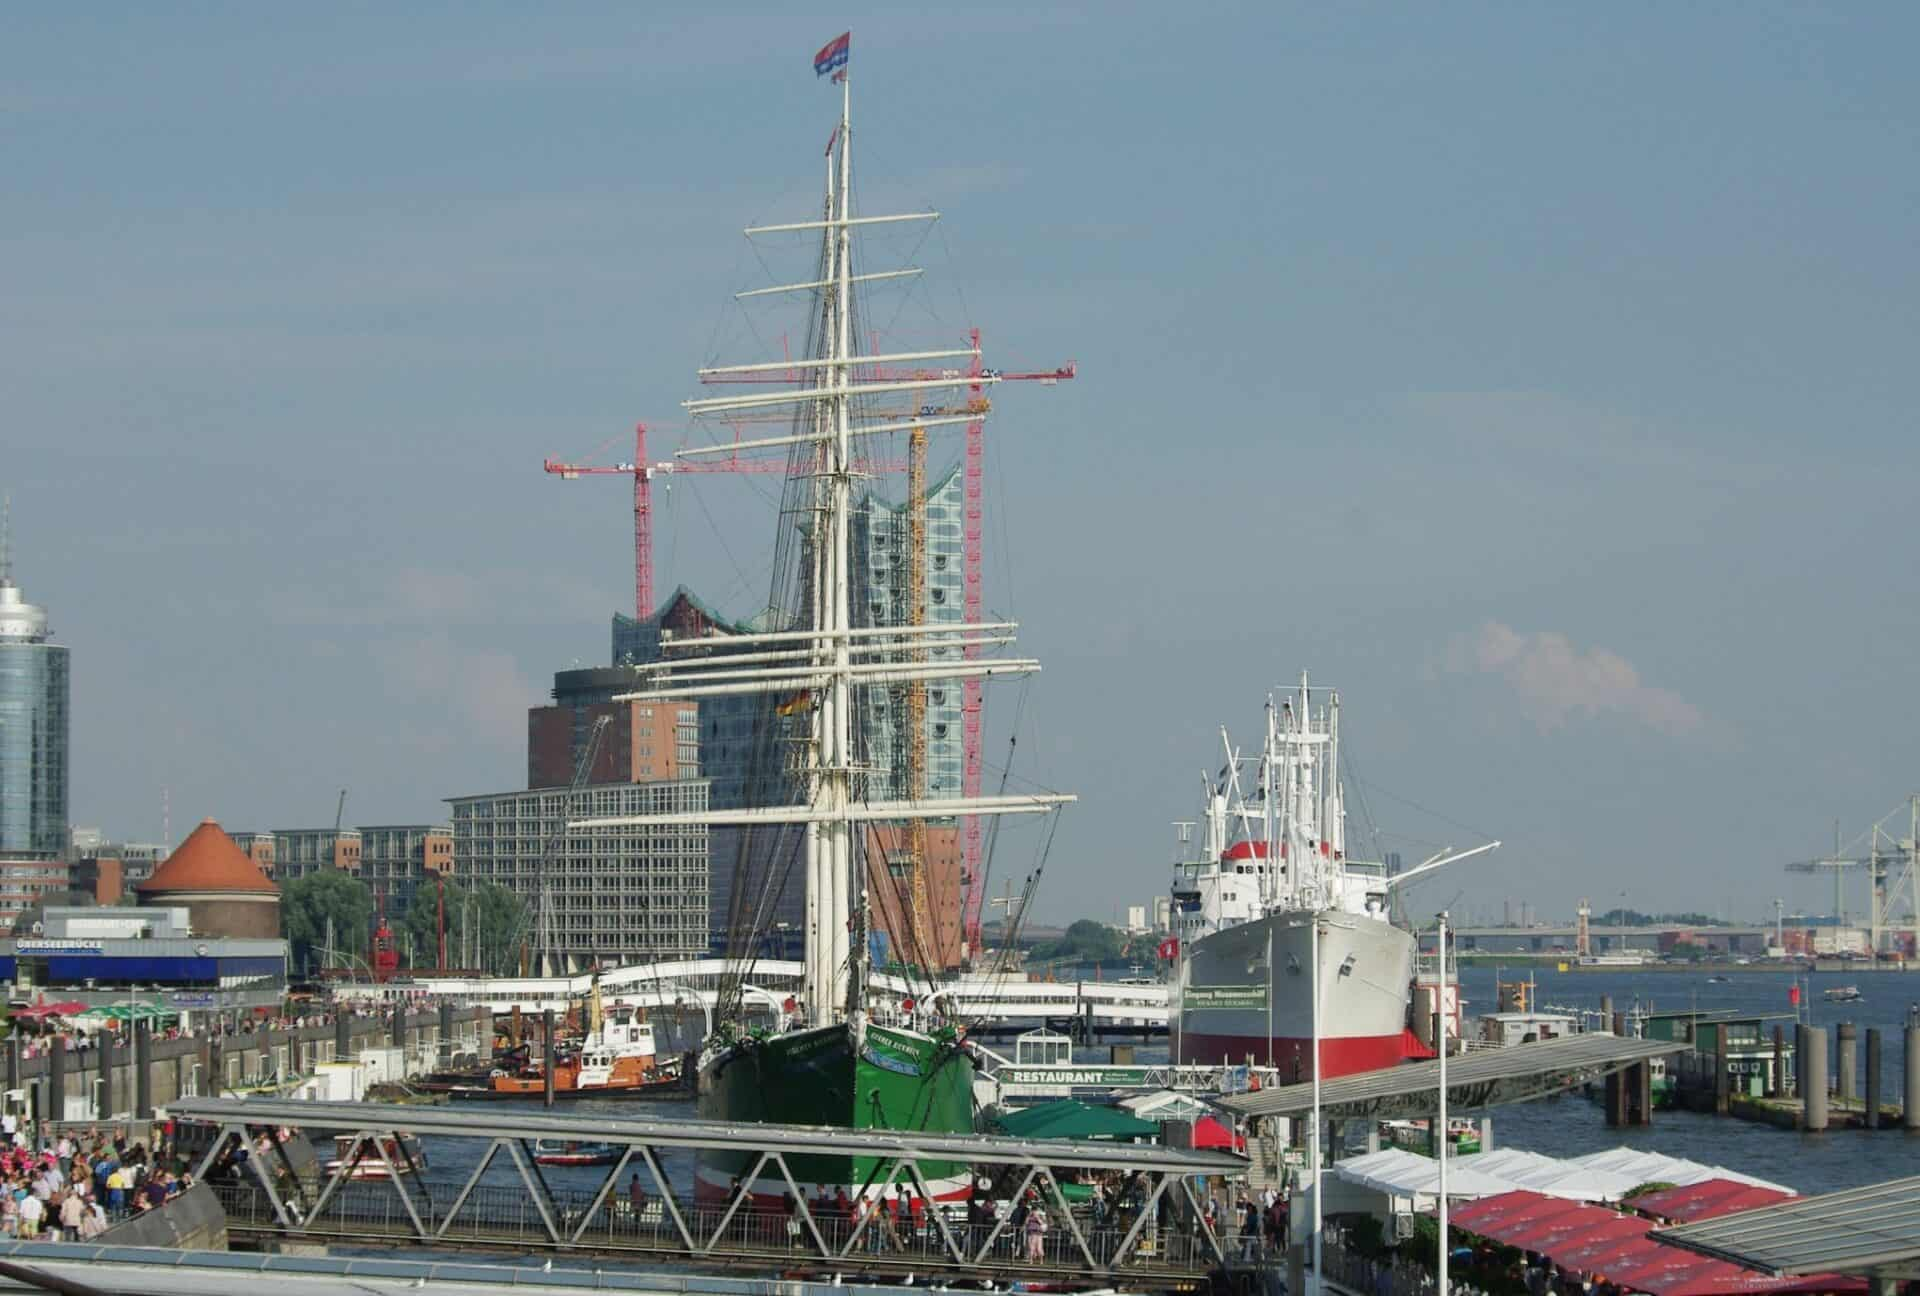 Hafen Hamburg - Museumsschiffe - Foto Jürgen Schlenker